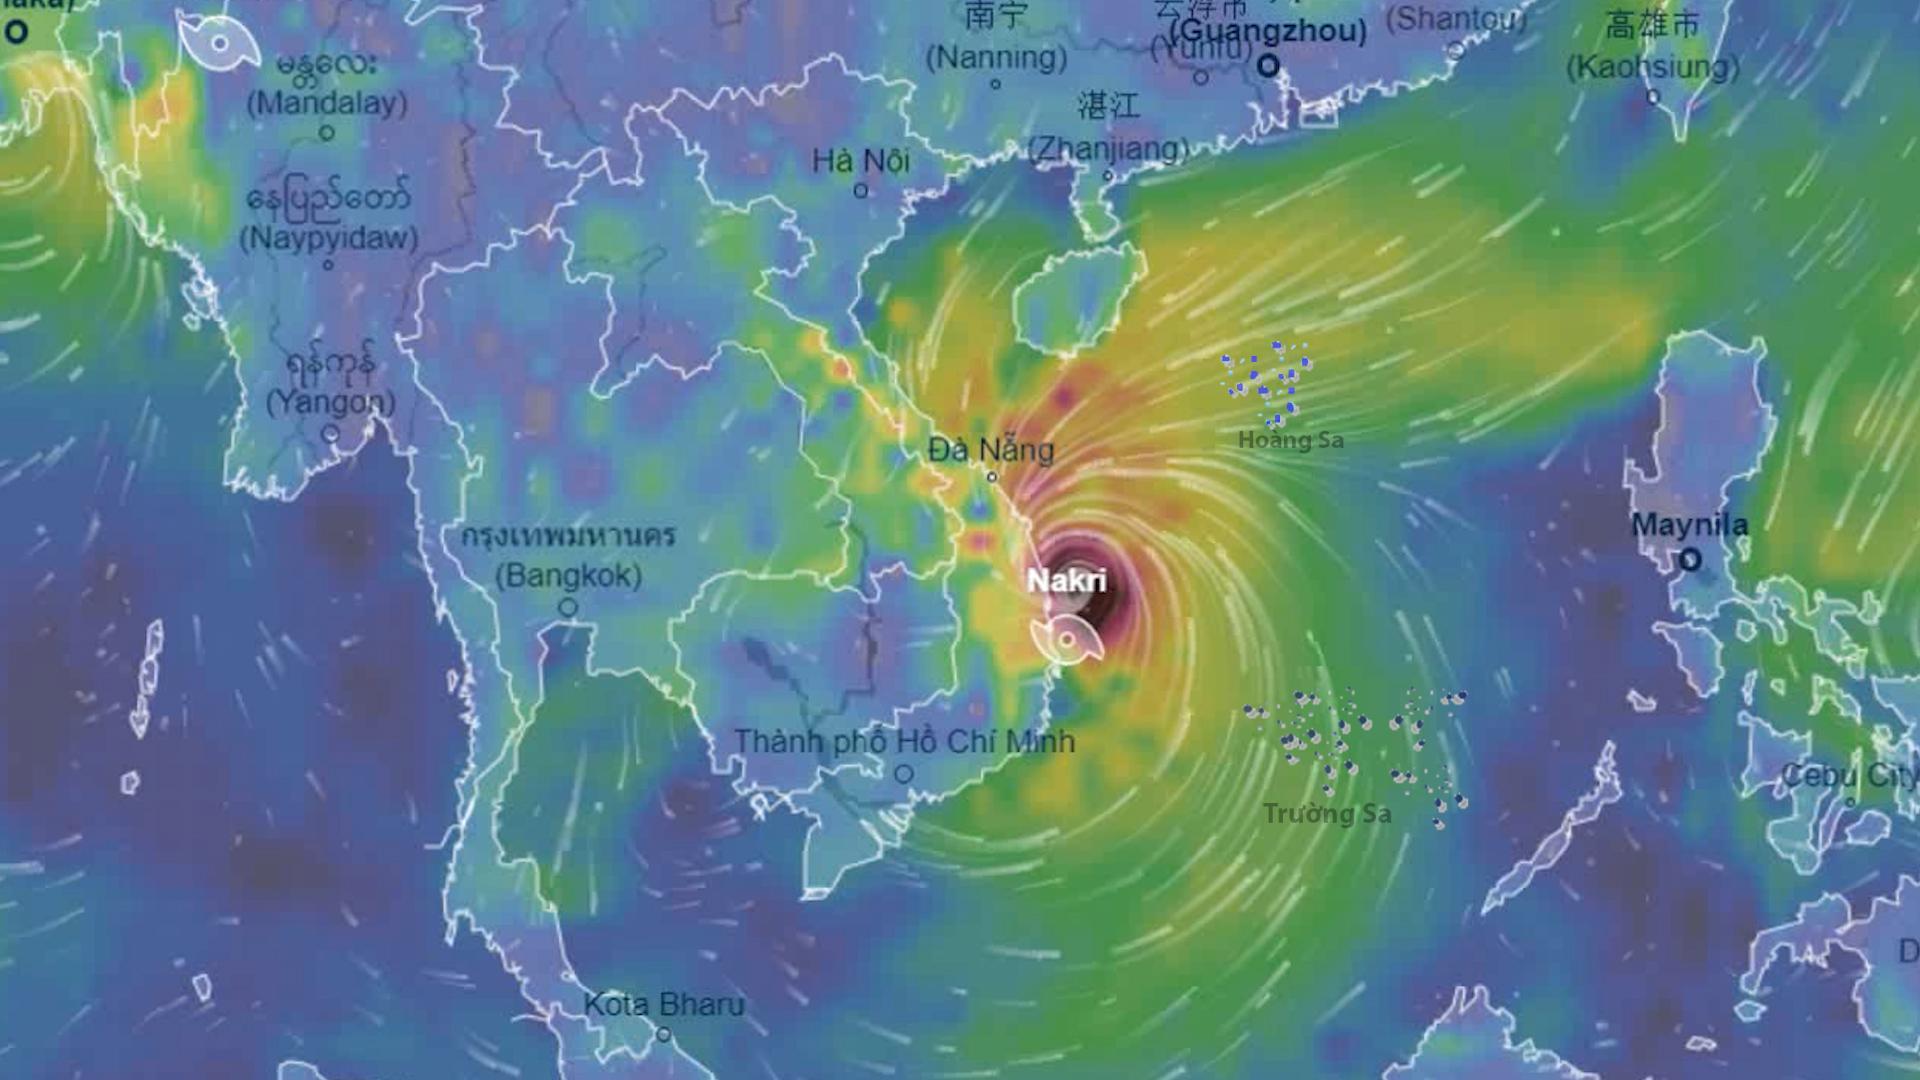 Bão Nakri dự kiến đổ bộ vào Bình Định – Ninh Thuận